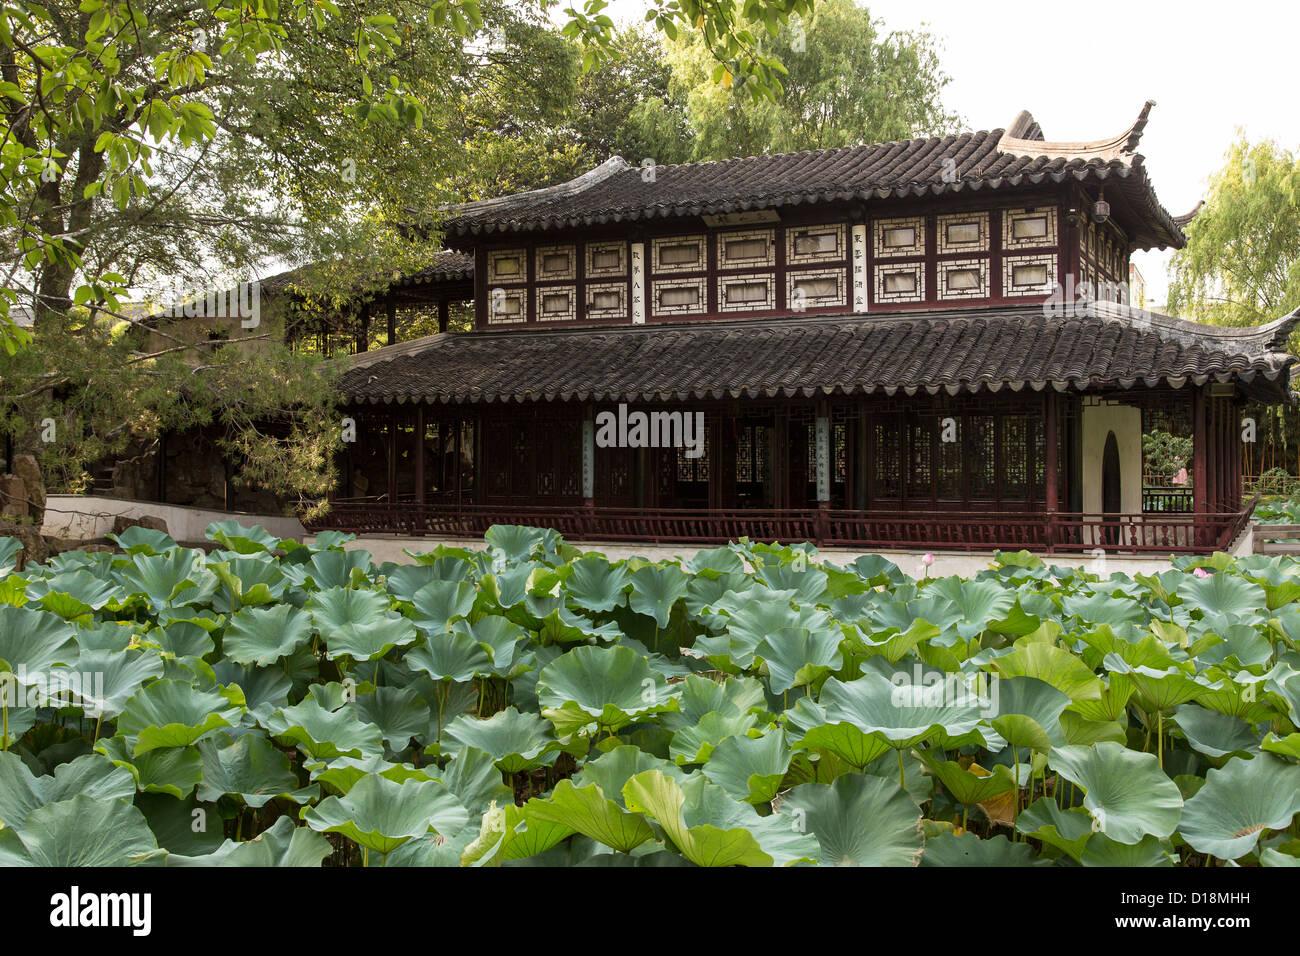 Amministratore di umile del giardino di Suzhou, Cina. Immagini Stock